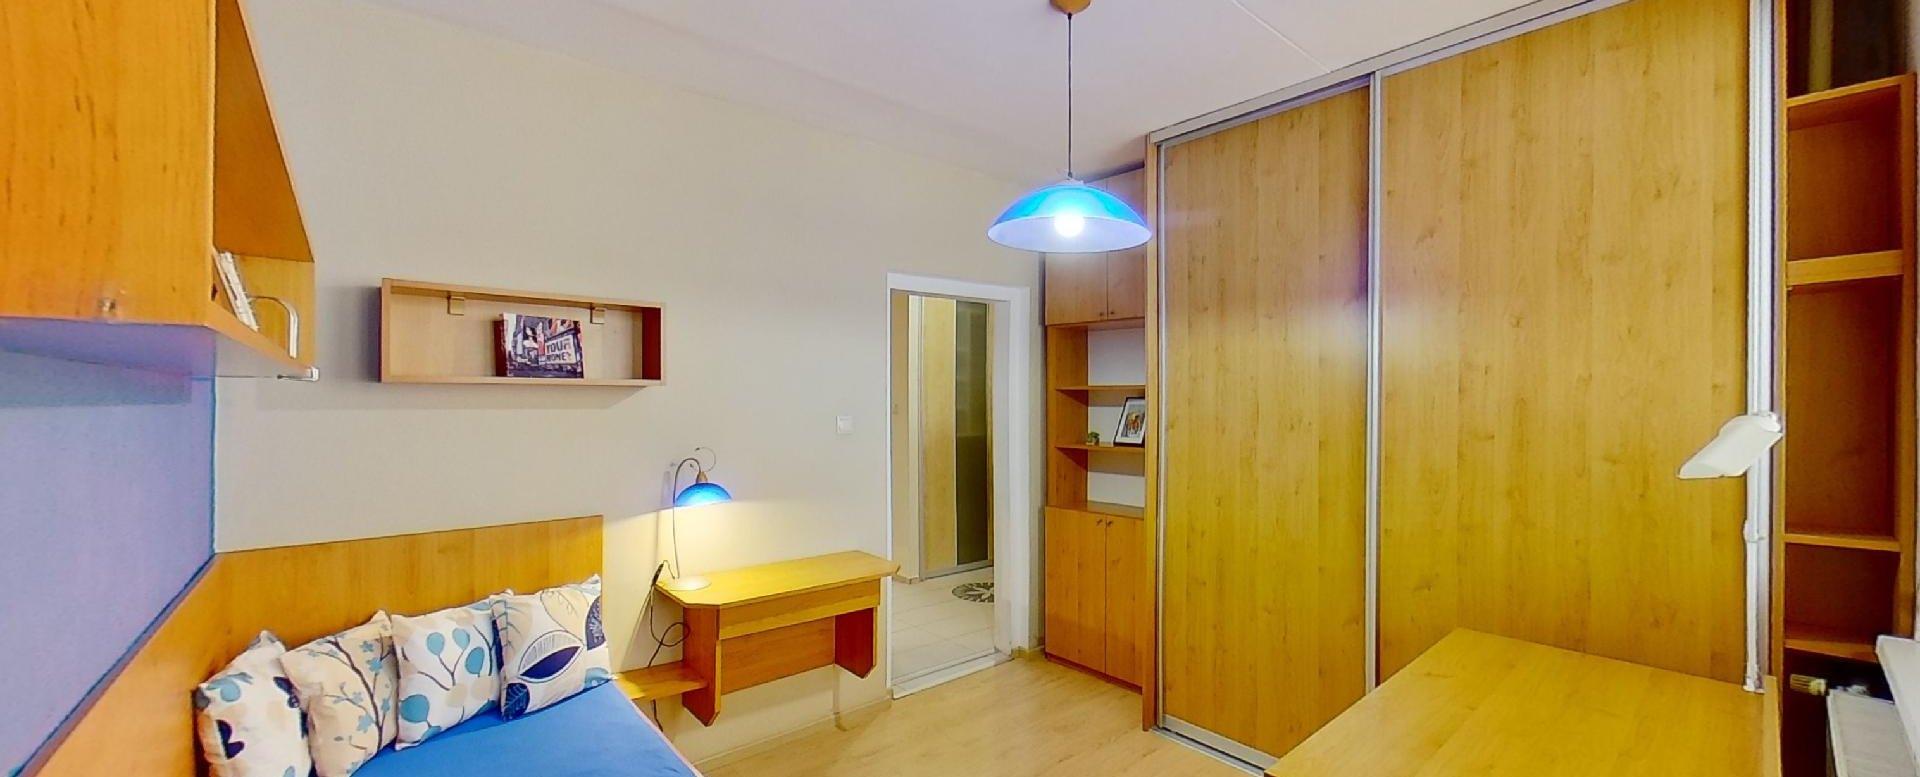 Izba s nábytkom